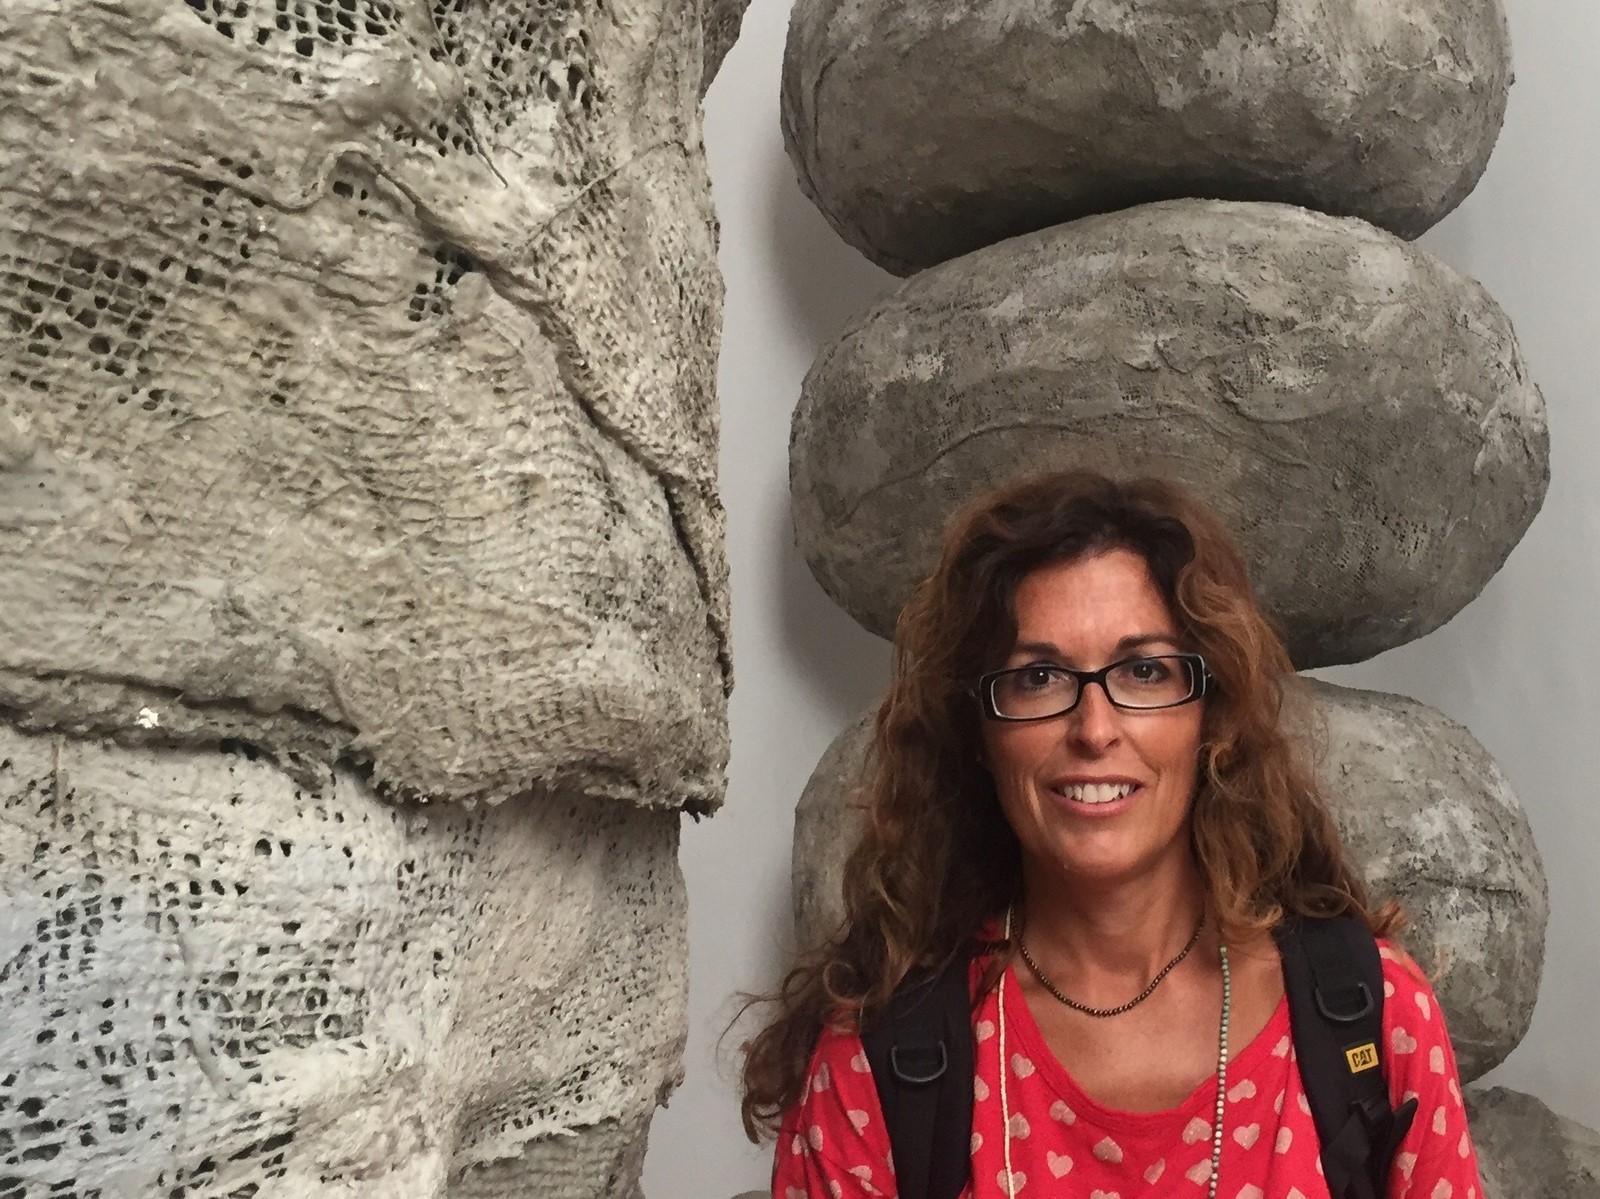 Nadia Stefanel in visita alla Biennale Arte 2017, Padiglione Gran Bretagna